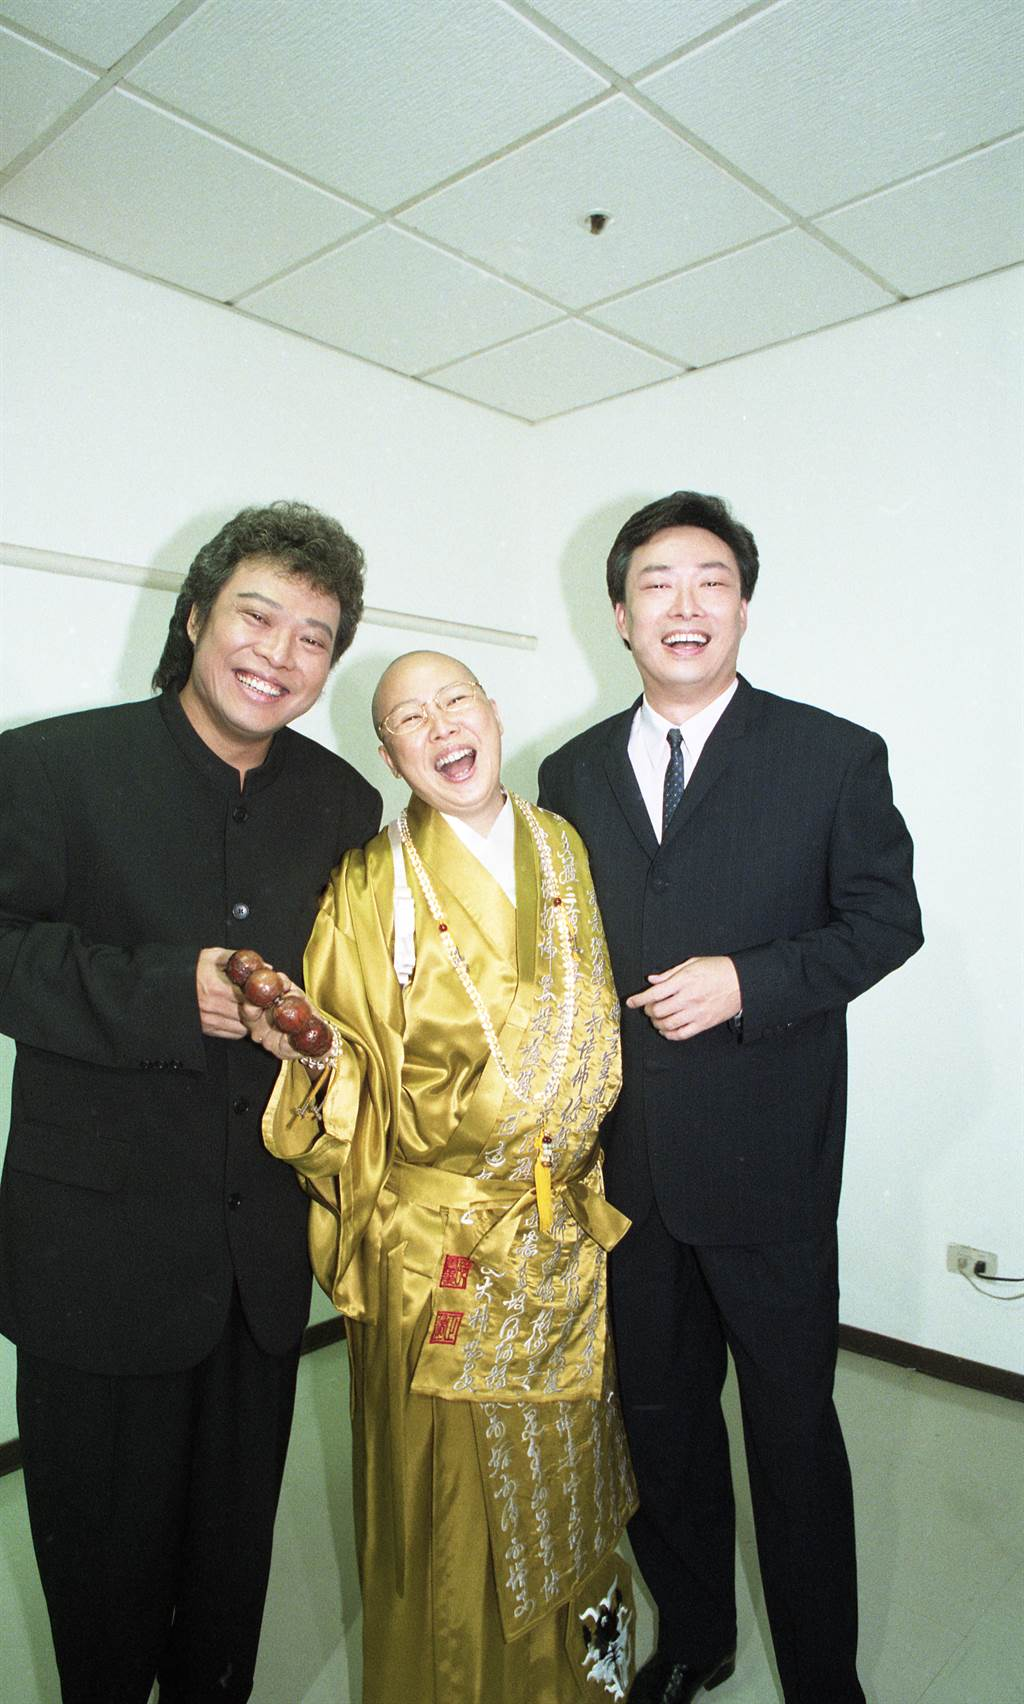 恆述法師、張菲與費玉清姊弟反目。(本報系資料照)